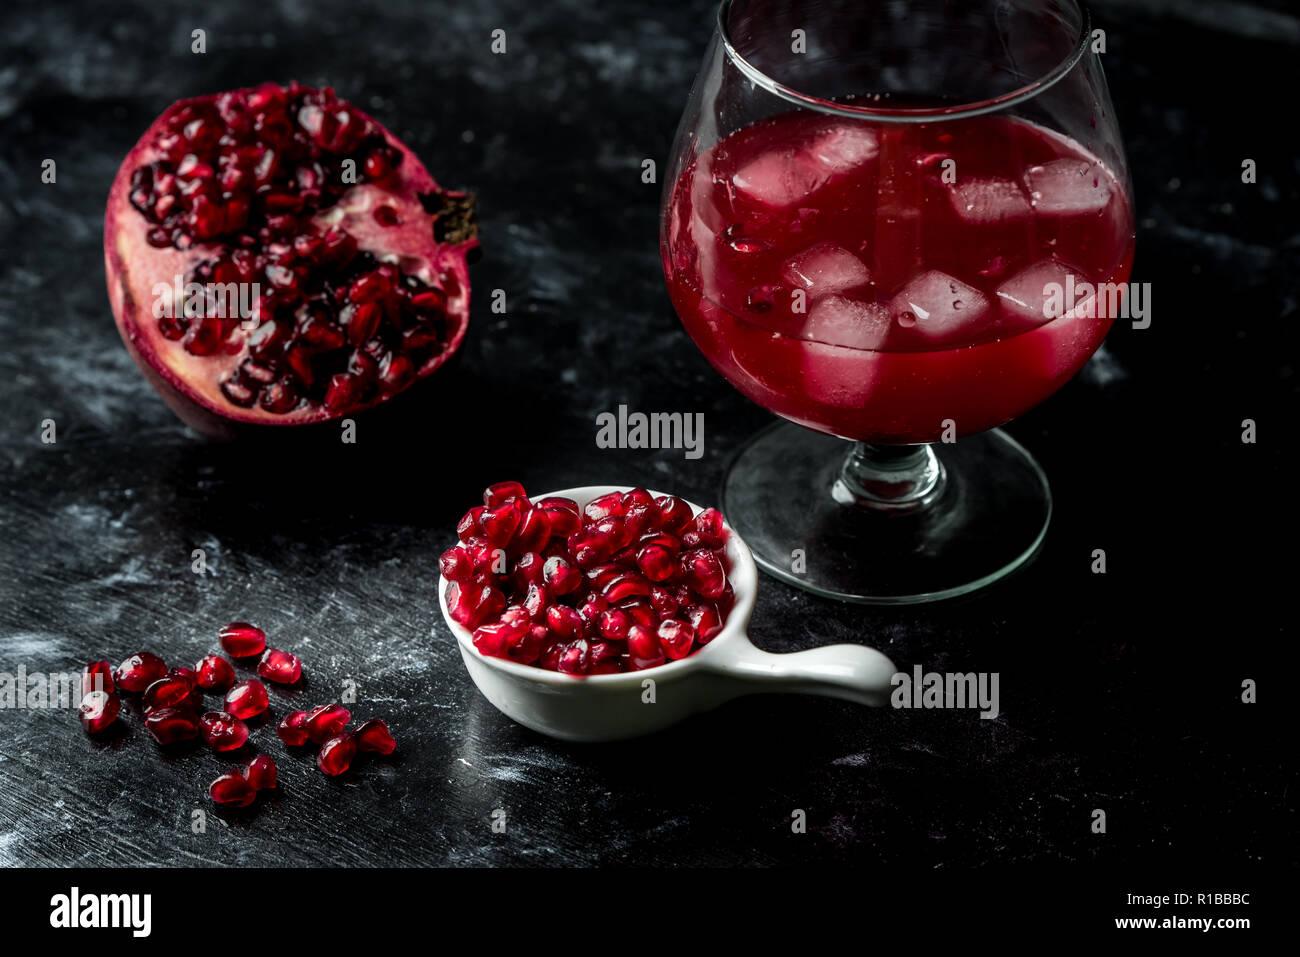 La tentazione di melograno rosso, semi e succo di frutta fresco con l'aggiunta di ghiaccio su un nero, sfondo di pietra Immagini Stock